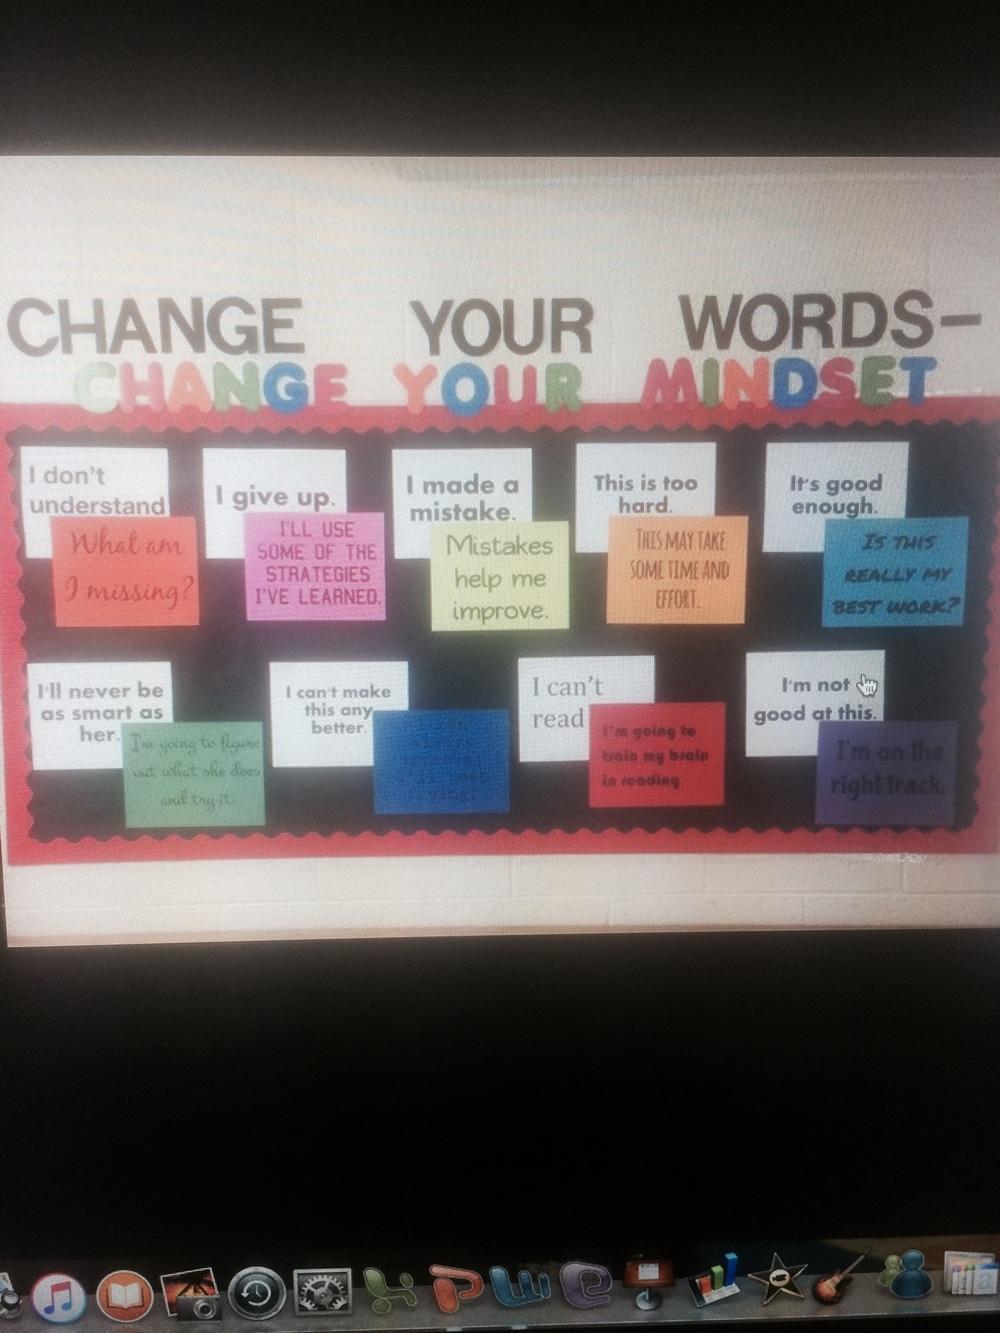 GOSA ChangeYourWords pic 3.7.16 .jpg